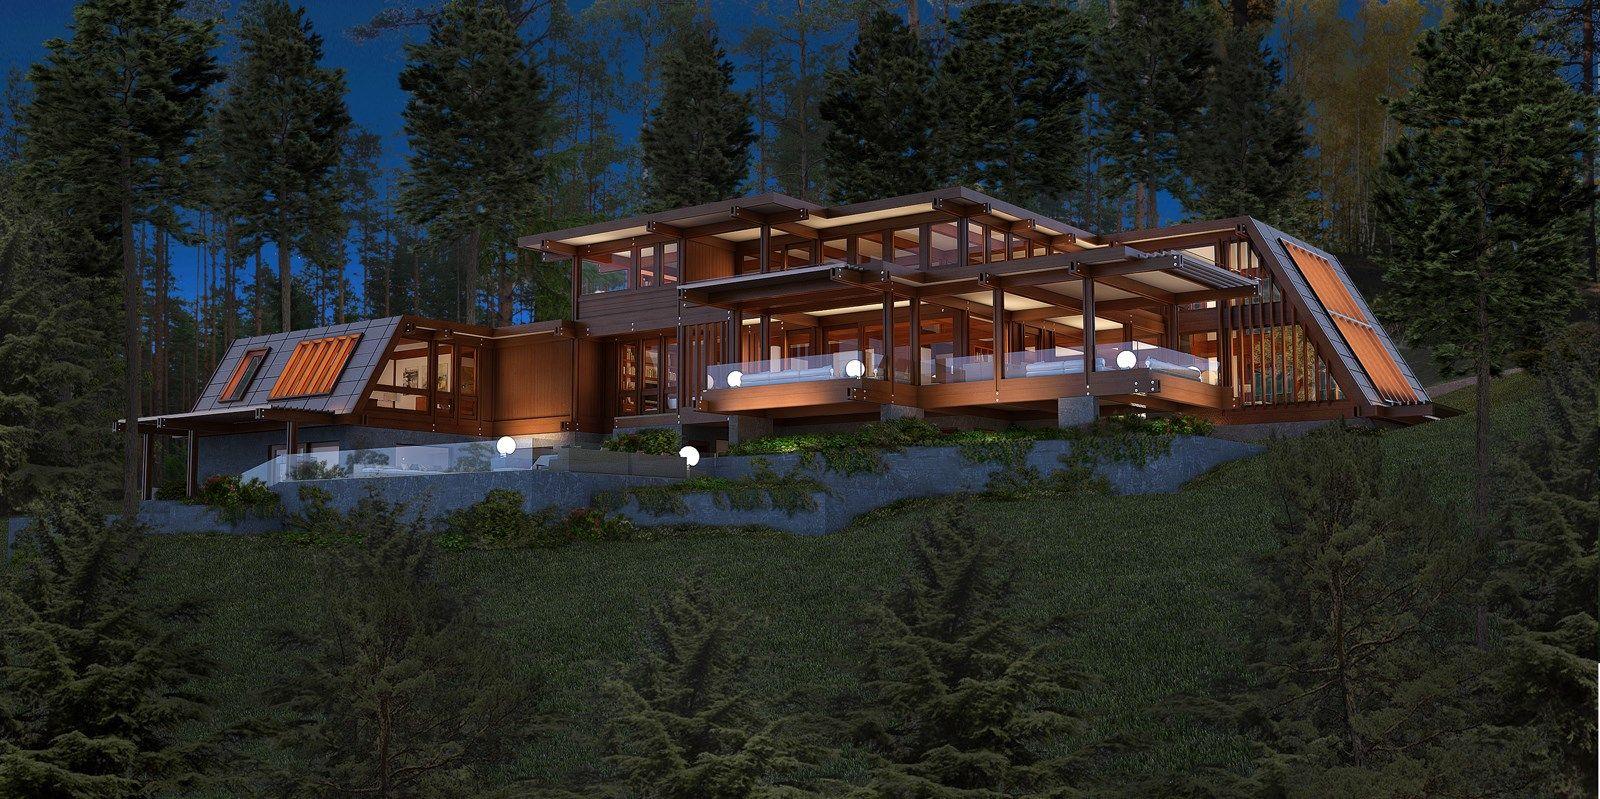 Case legno pagano pagano case in legno di lusso con ville for Ville di legno di lusso